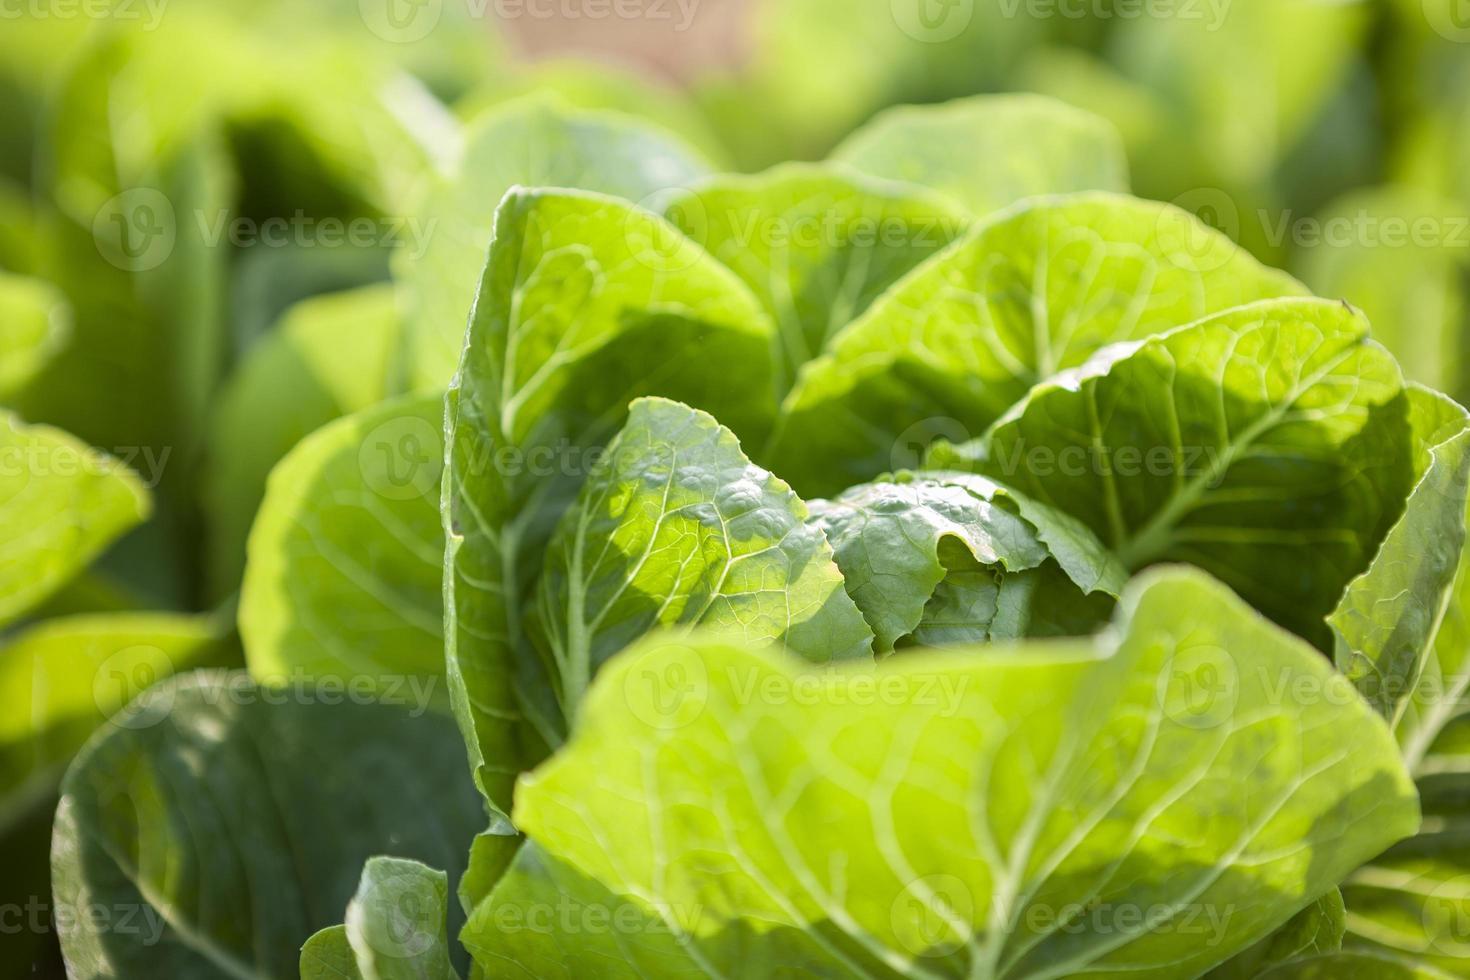 vagetable verde foto